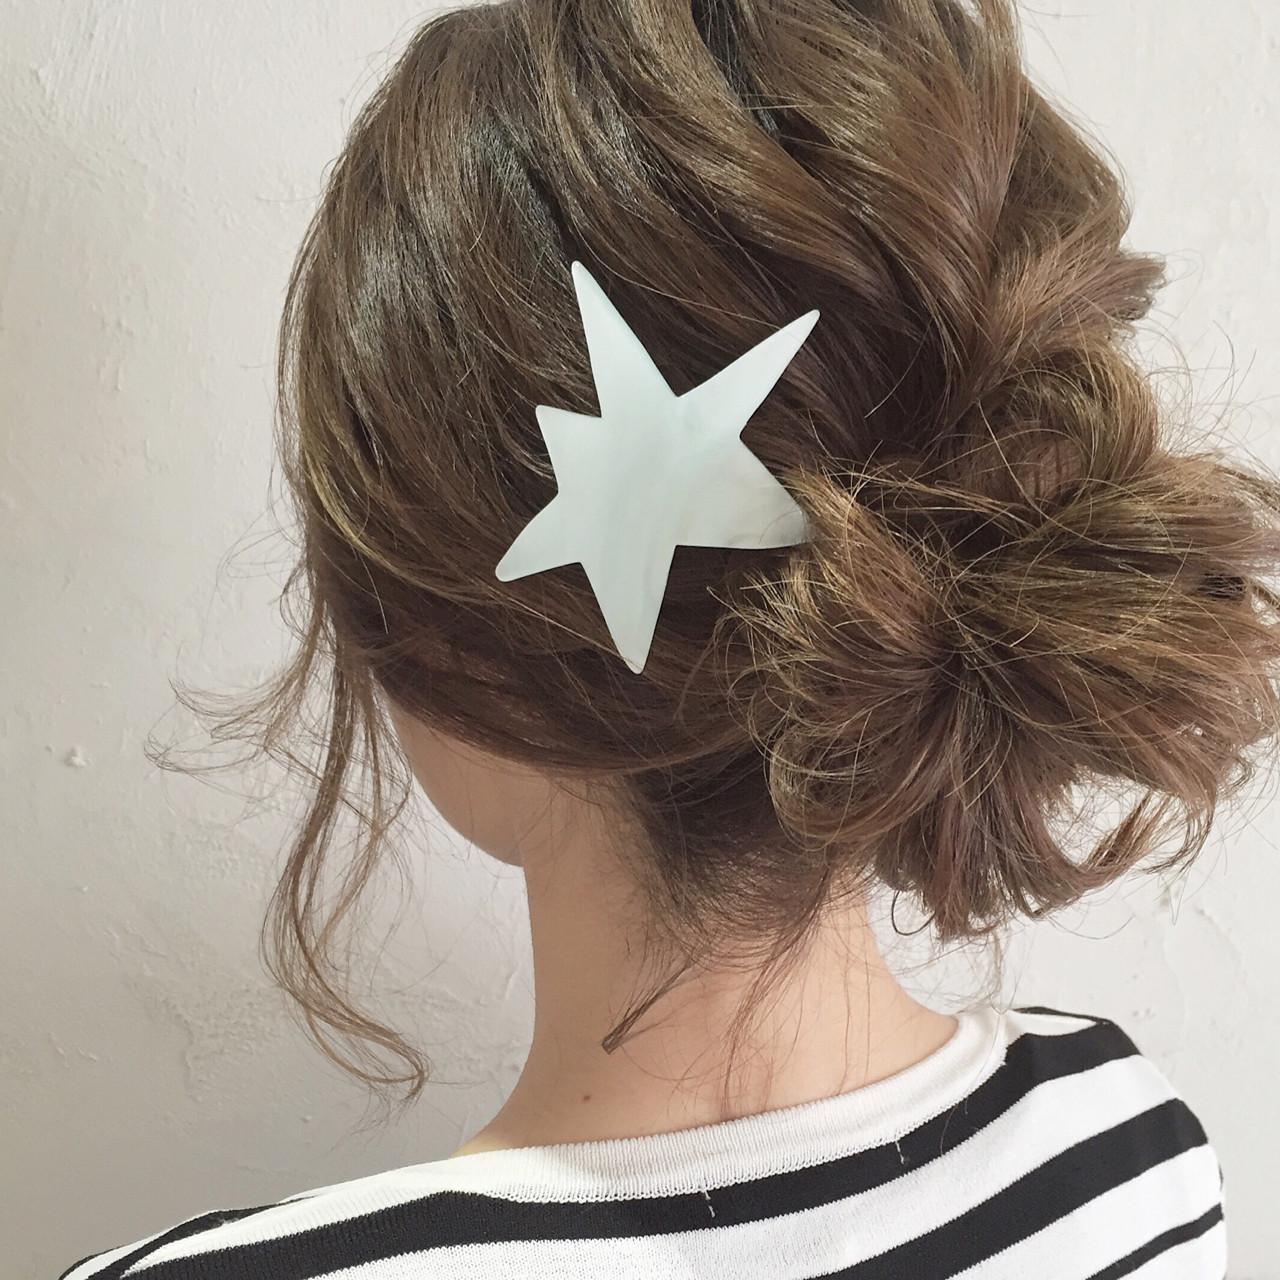 バレッタ イルミナカラー ヘアアレンジ ボブ ヘアスタイルや髪型の写真・画像